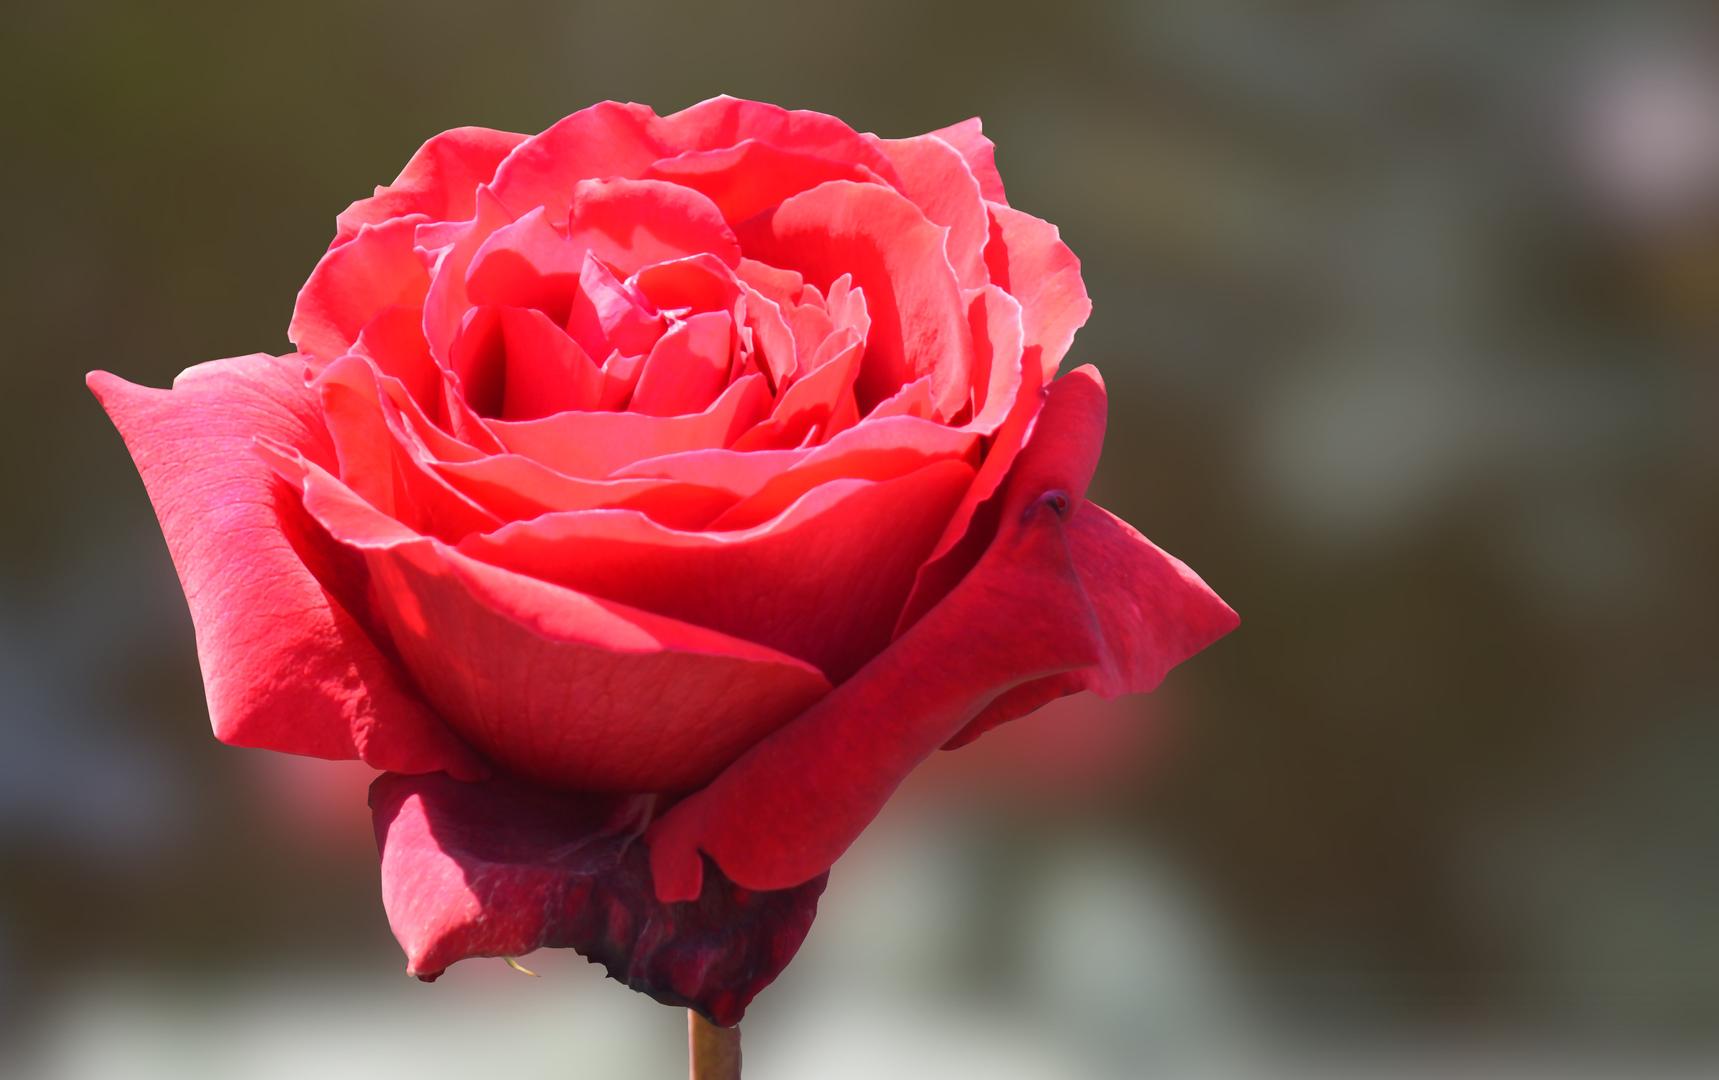 Hình nền bông hoa  đỏ